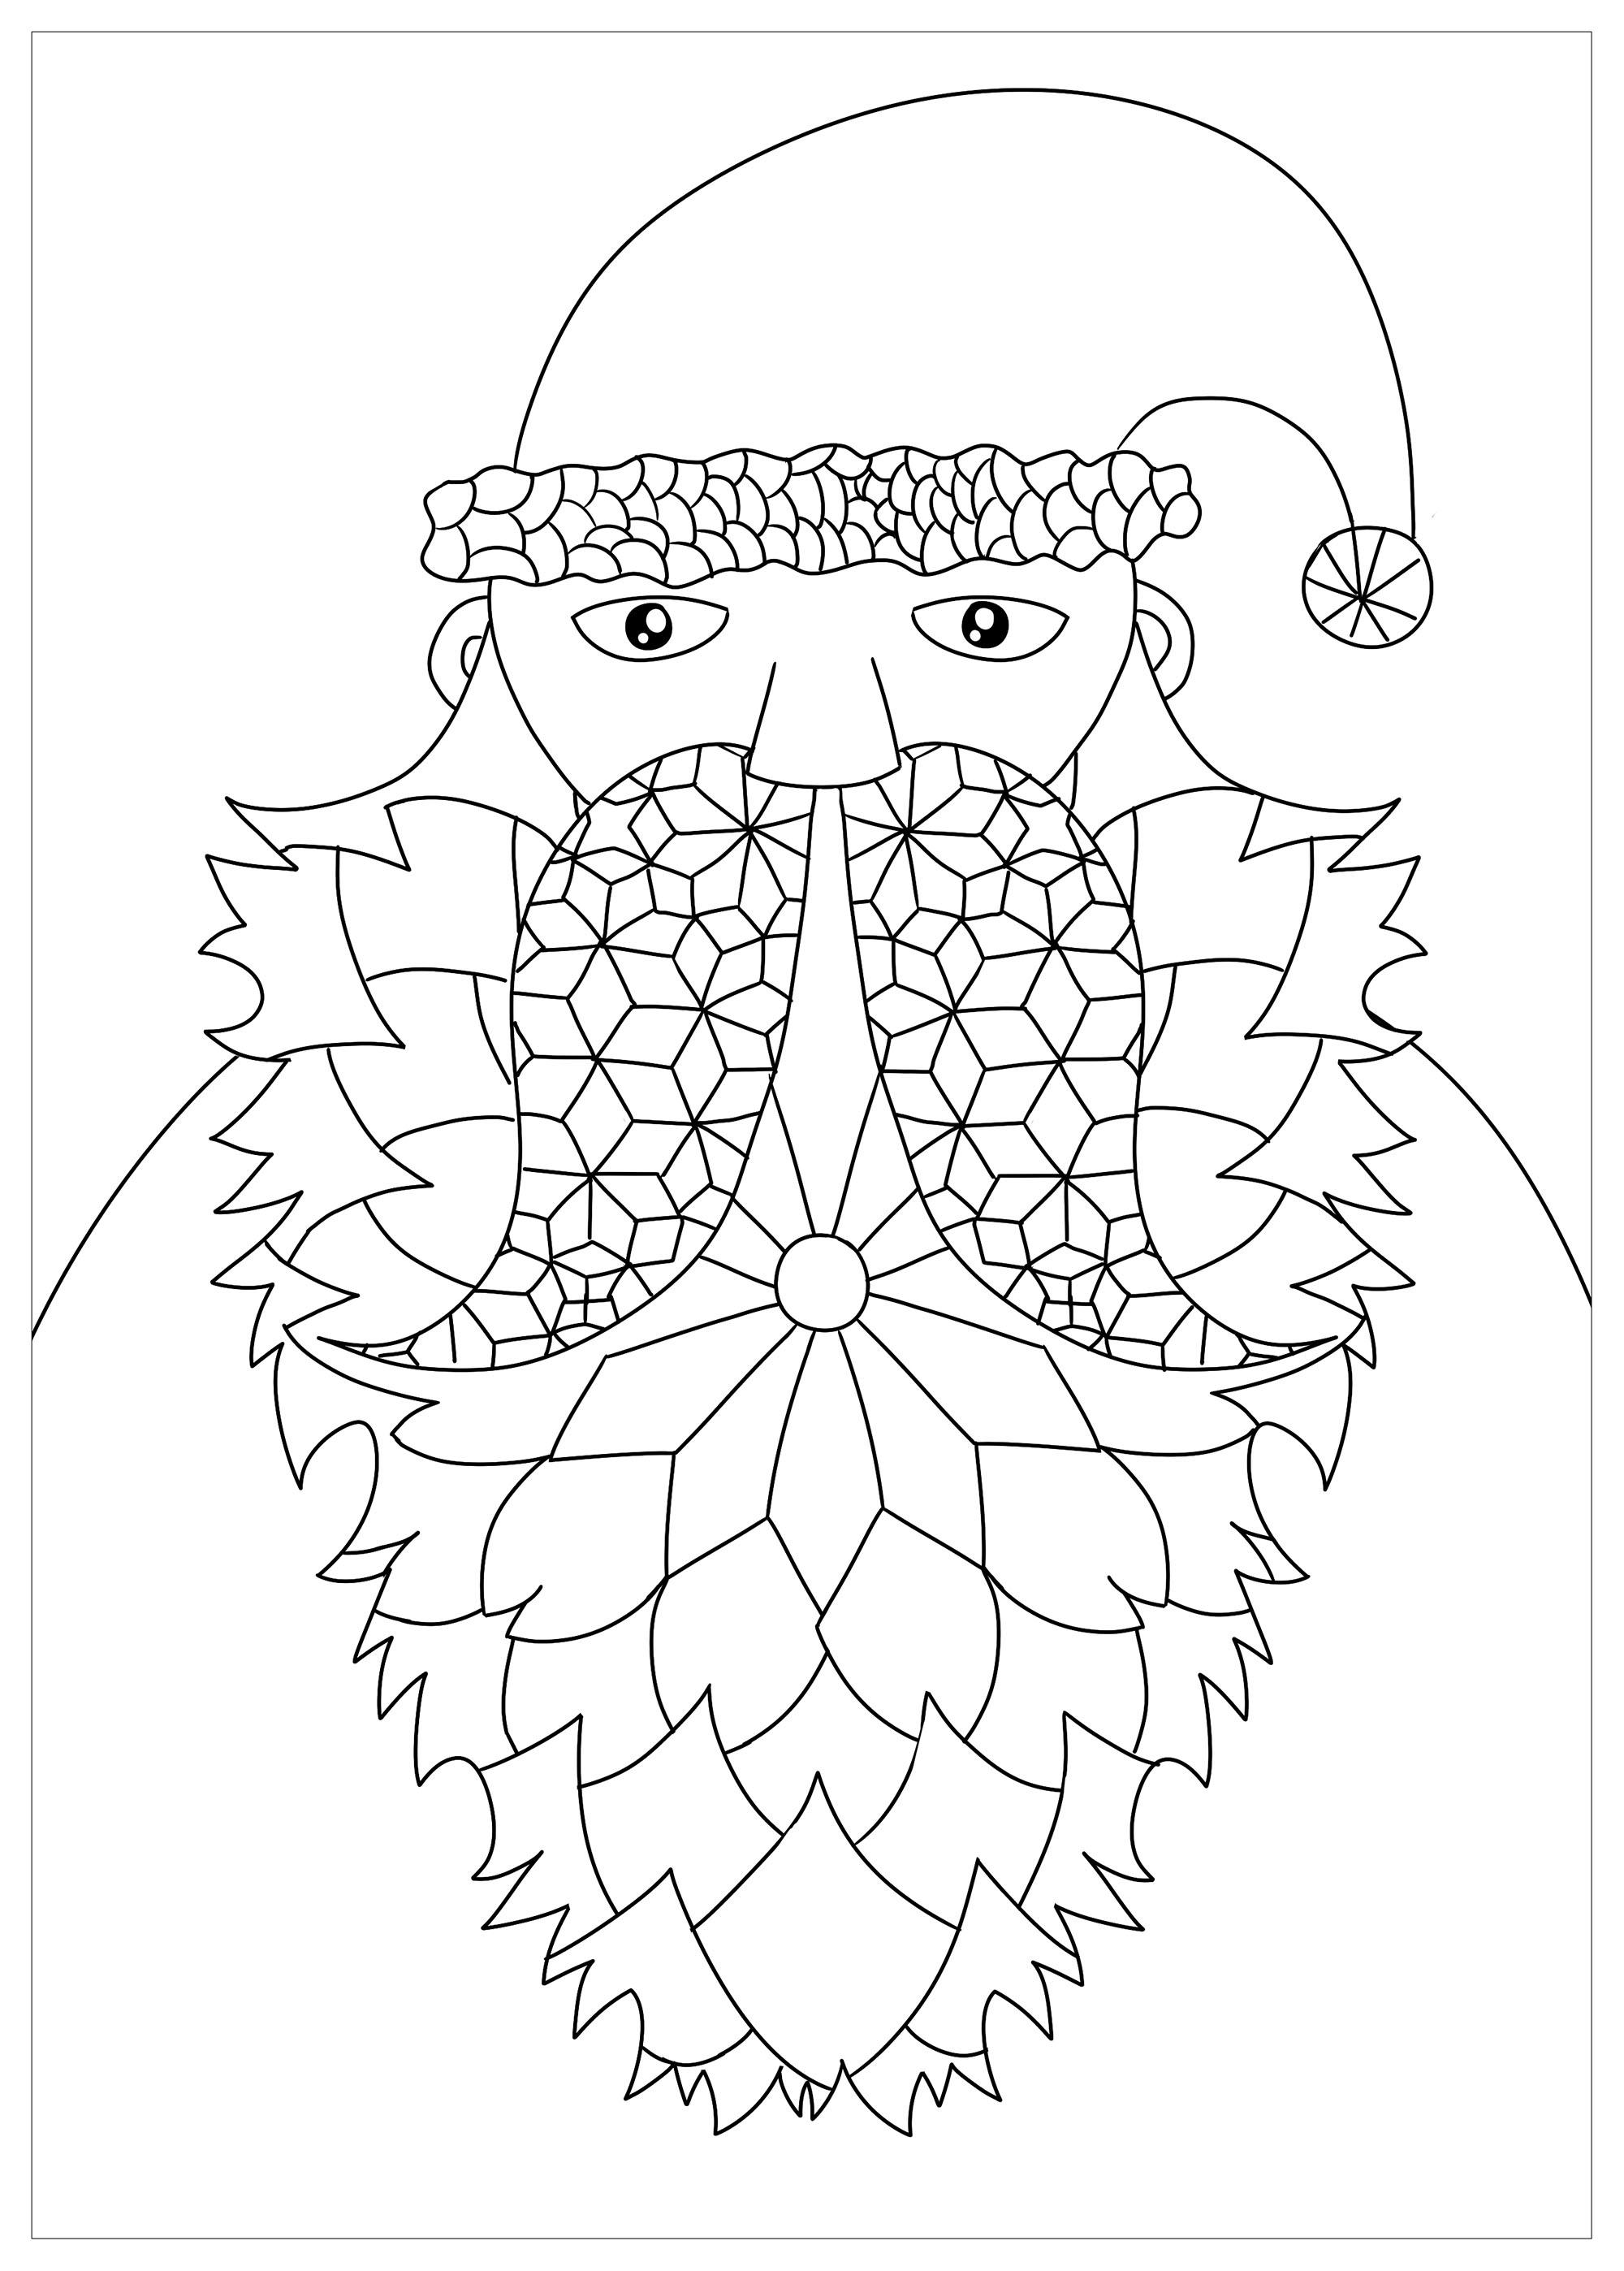 Disegni da colorare per adulti : Natale - 2